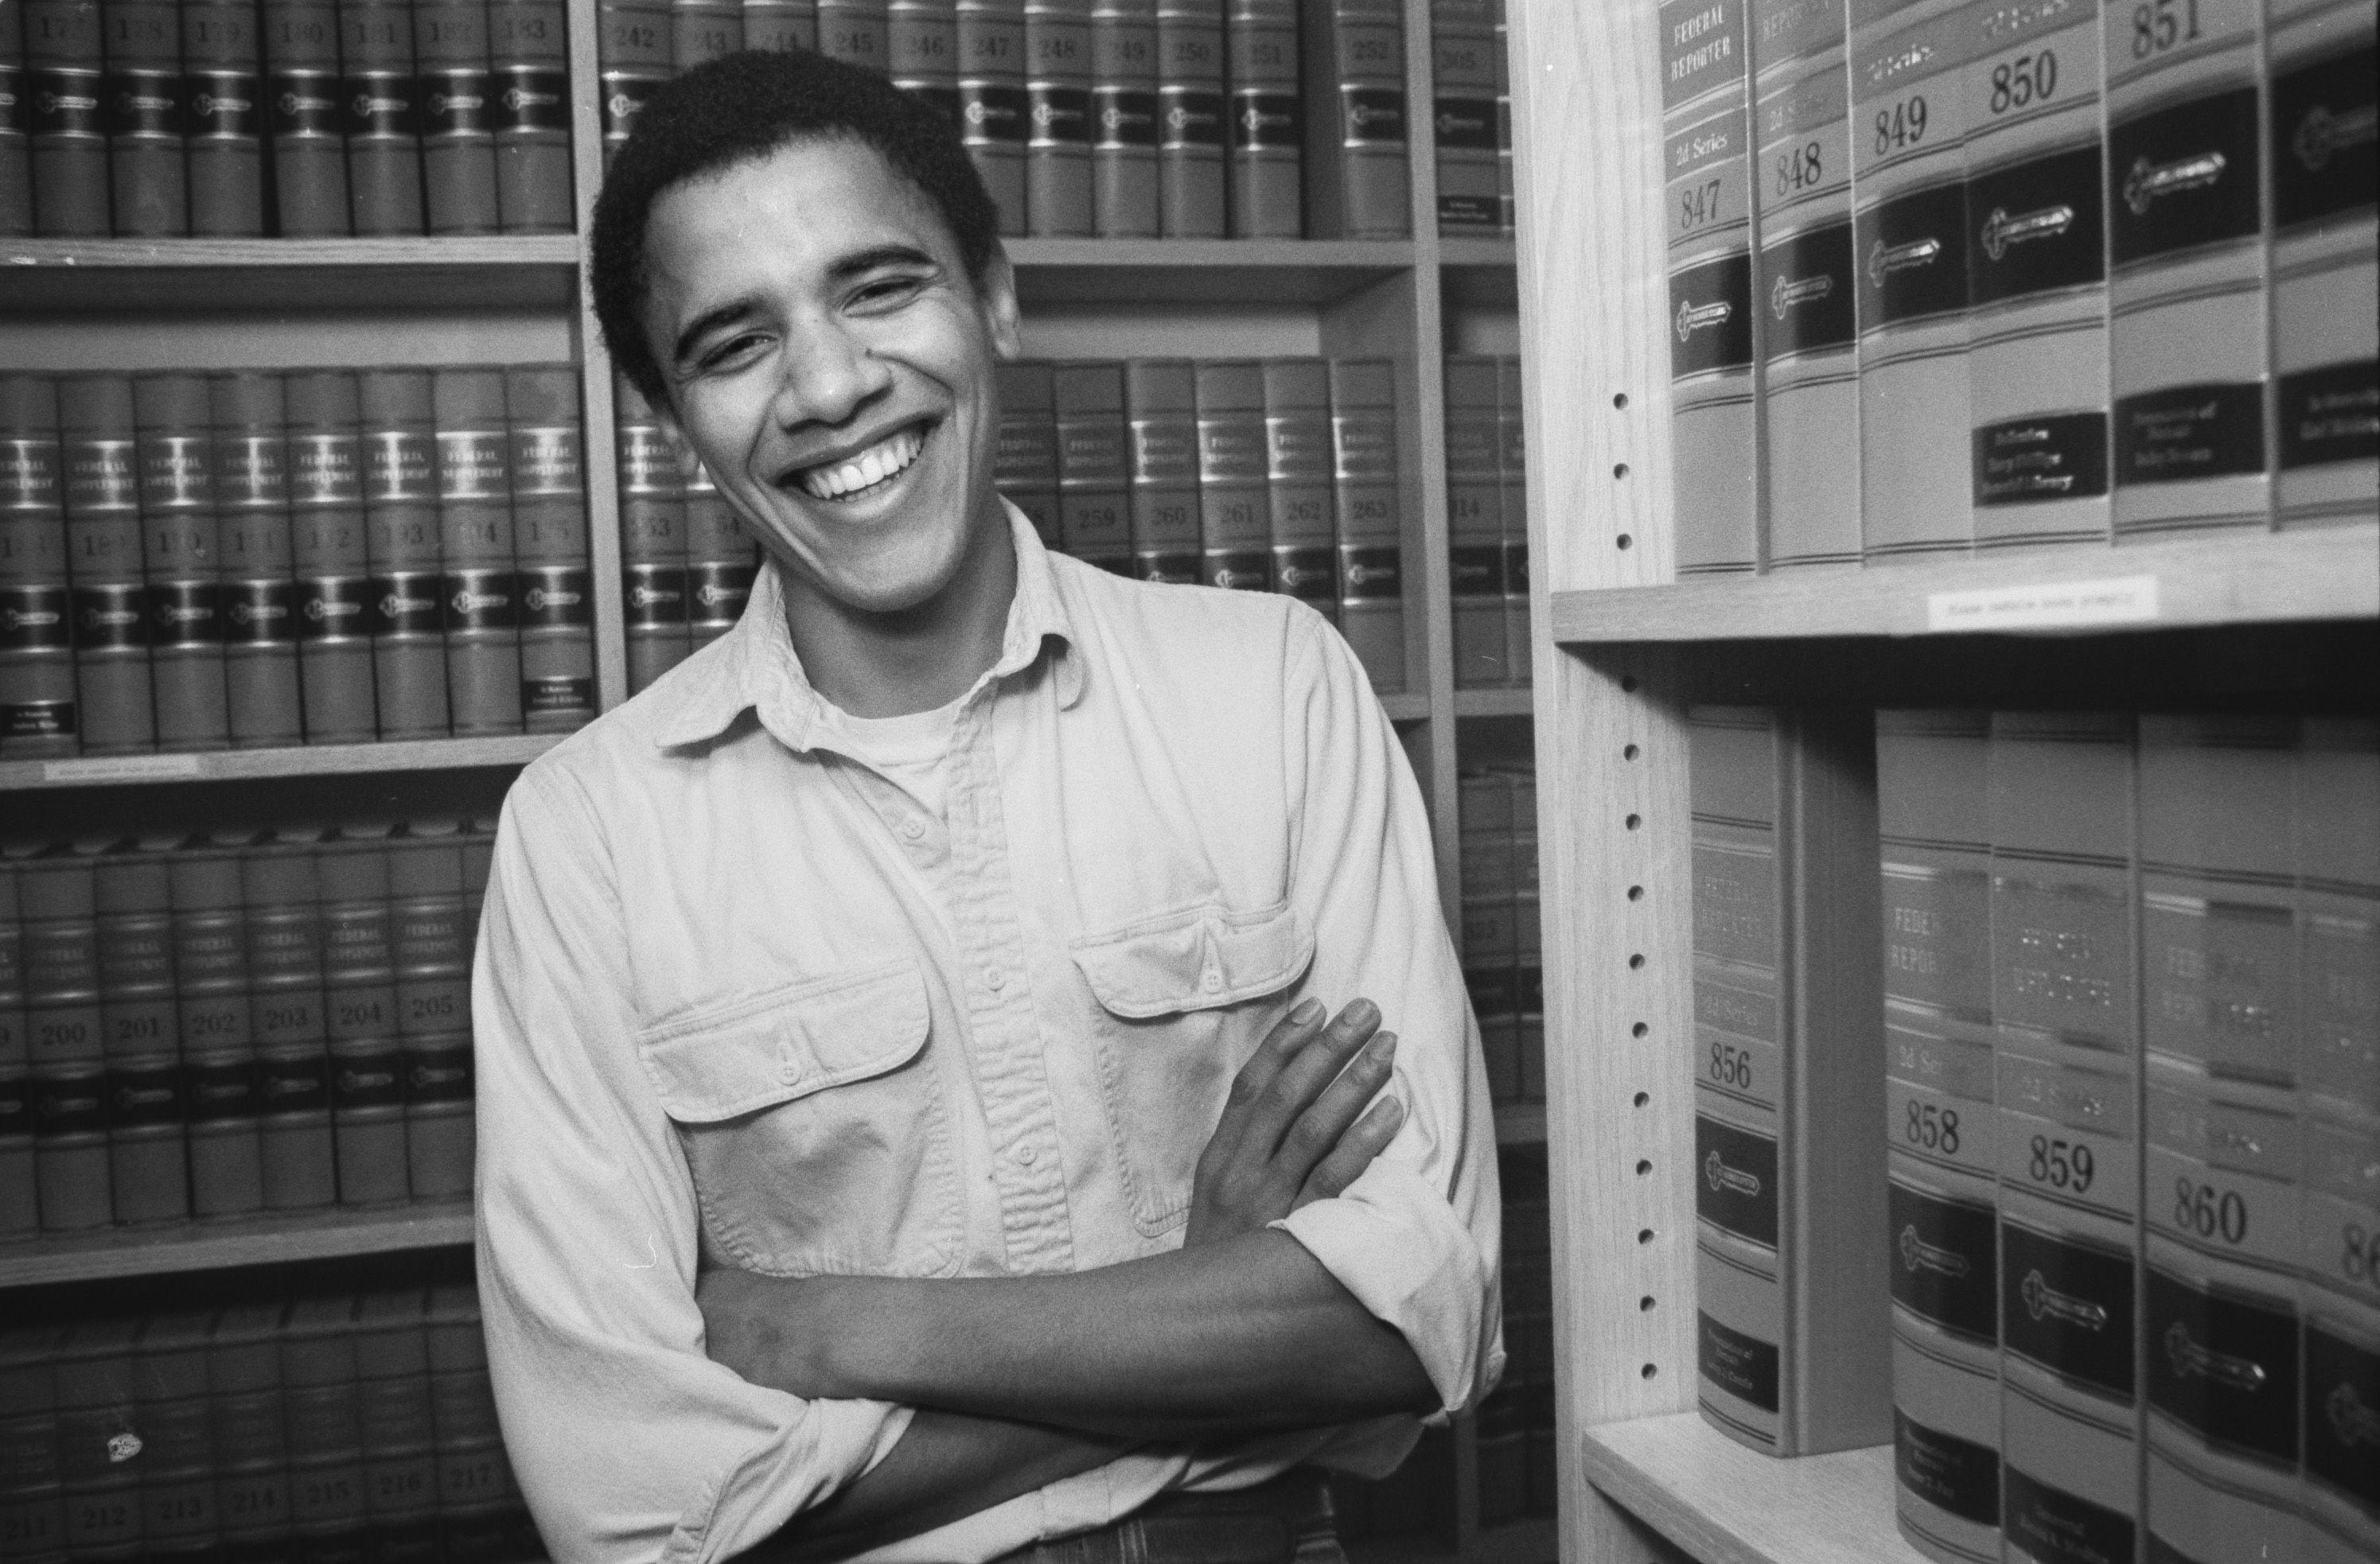 Una terra promessa: Barack Obama si racconta a cuore aperto